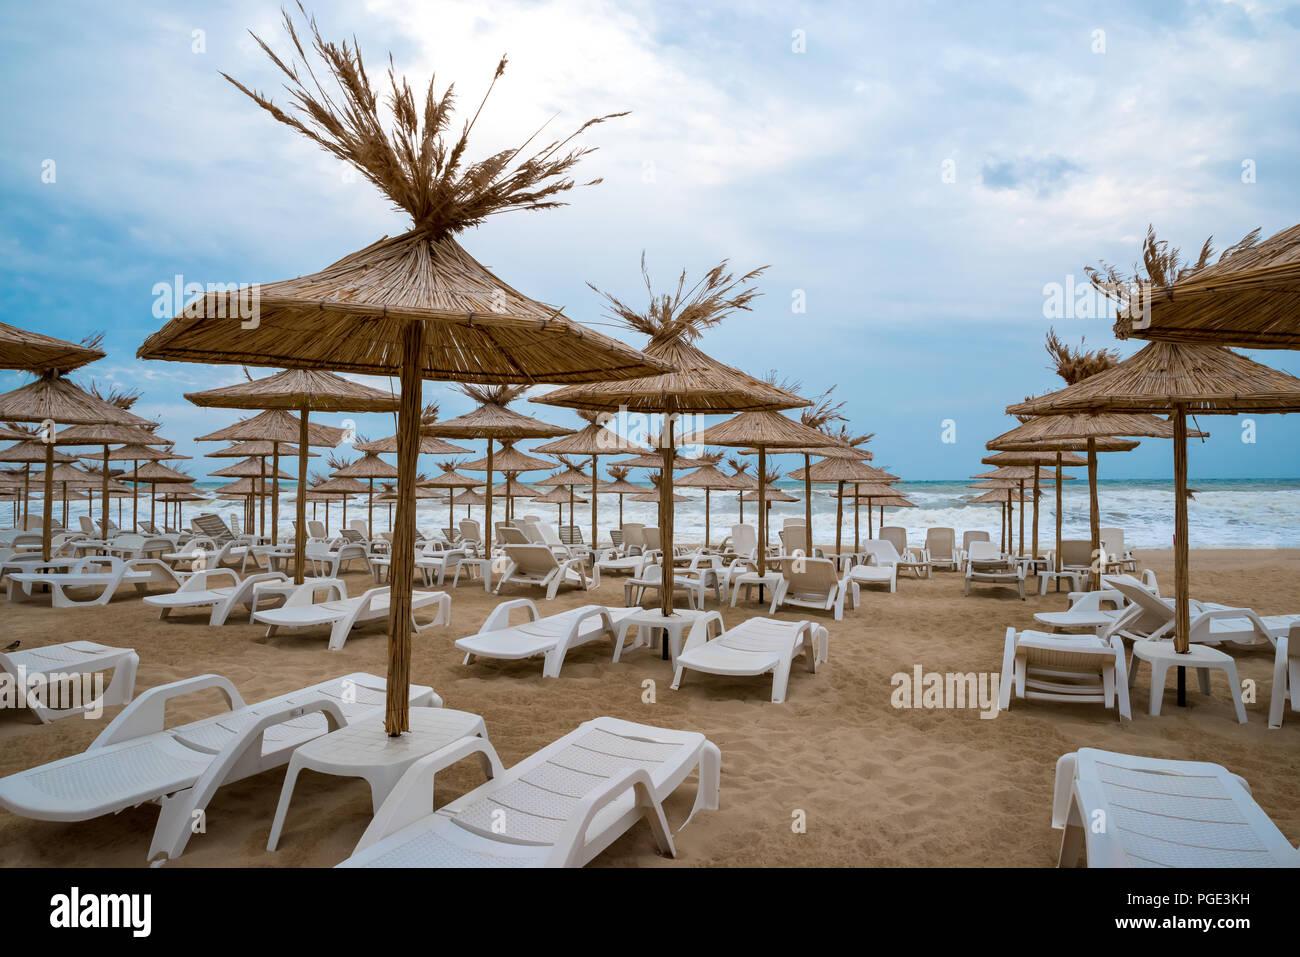 Sedie a sdraio con ombrelloni di paglia su una bellissima spiaggia